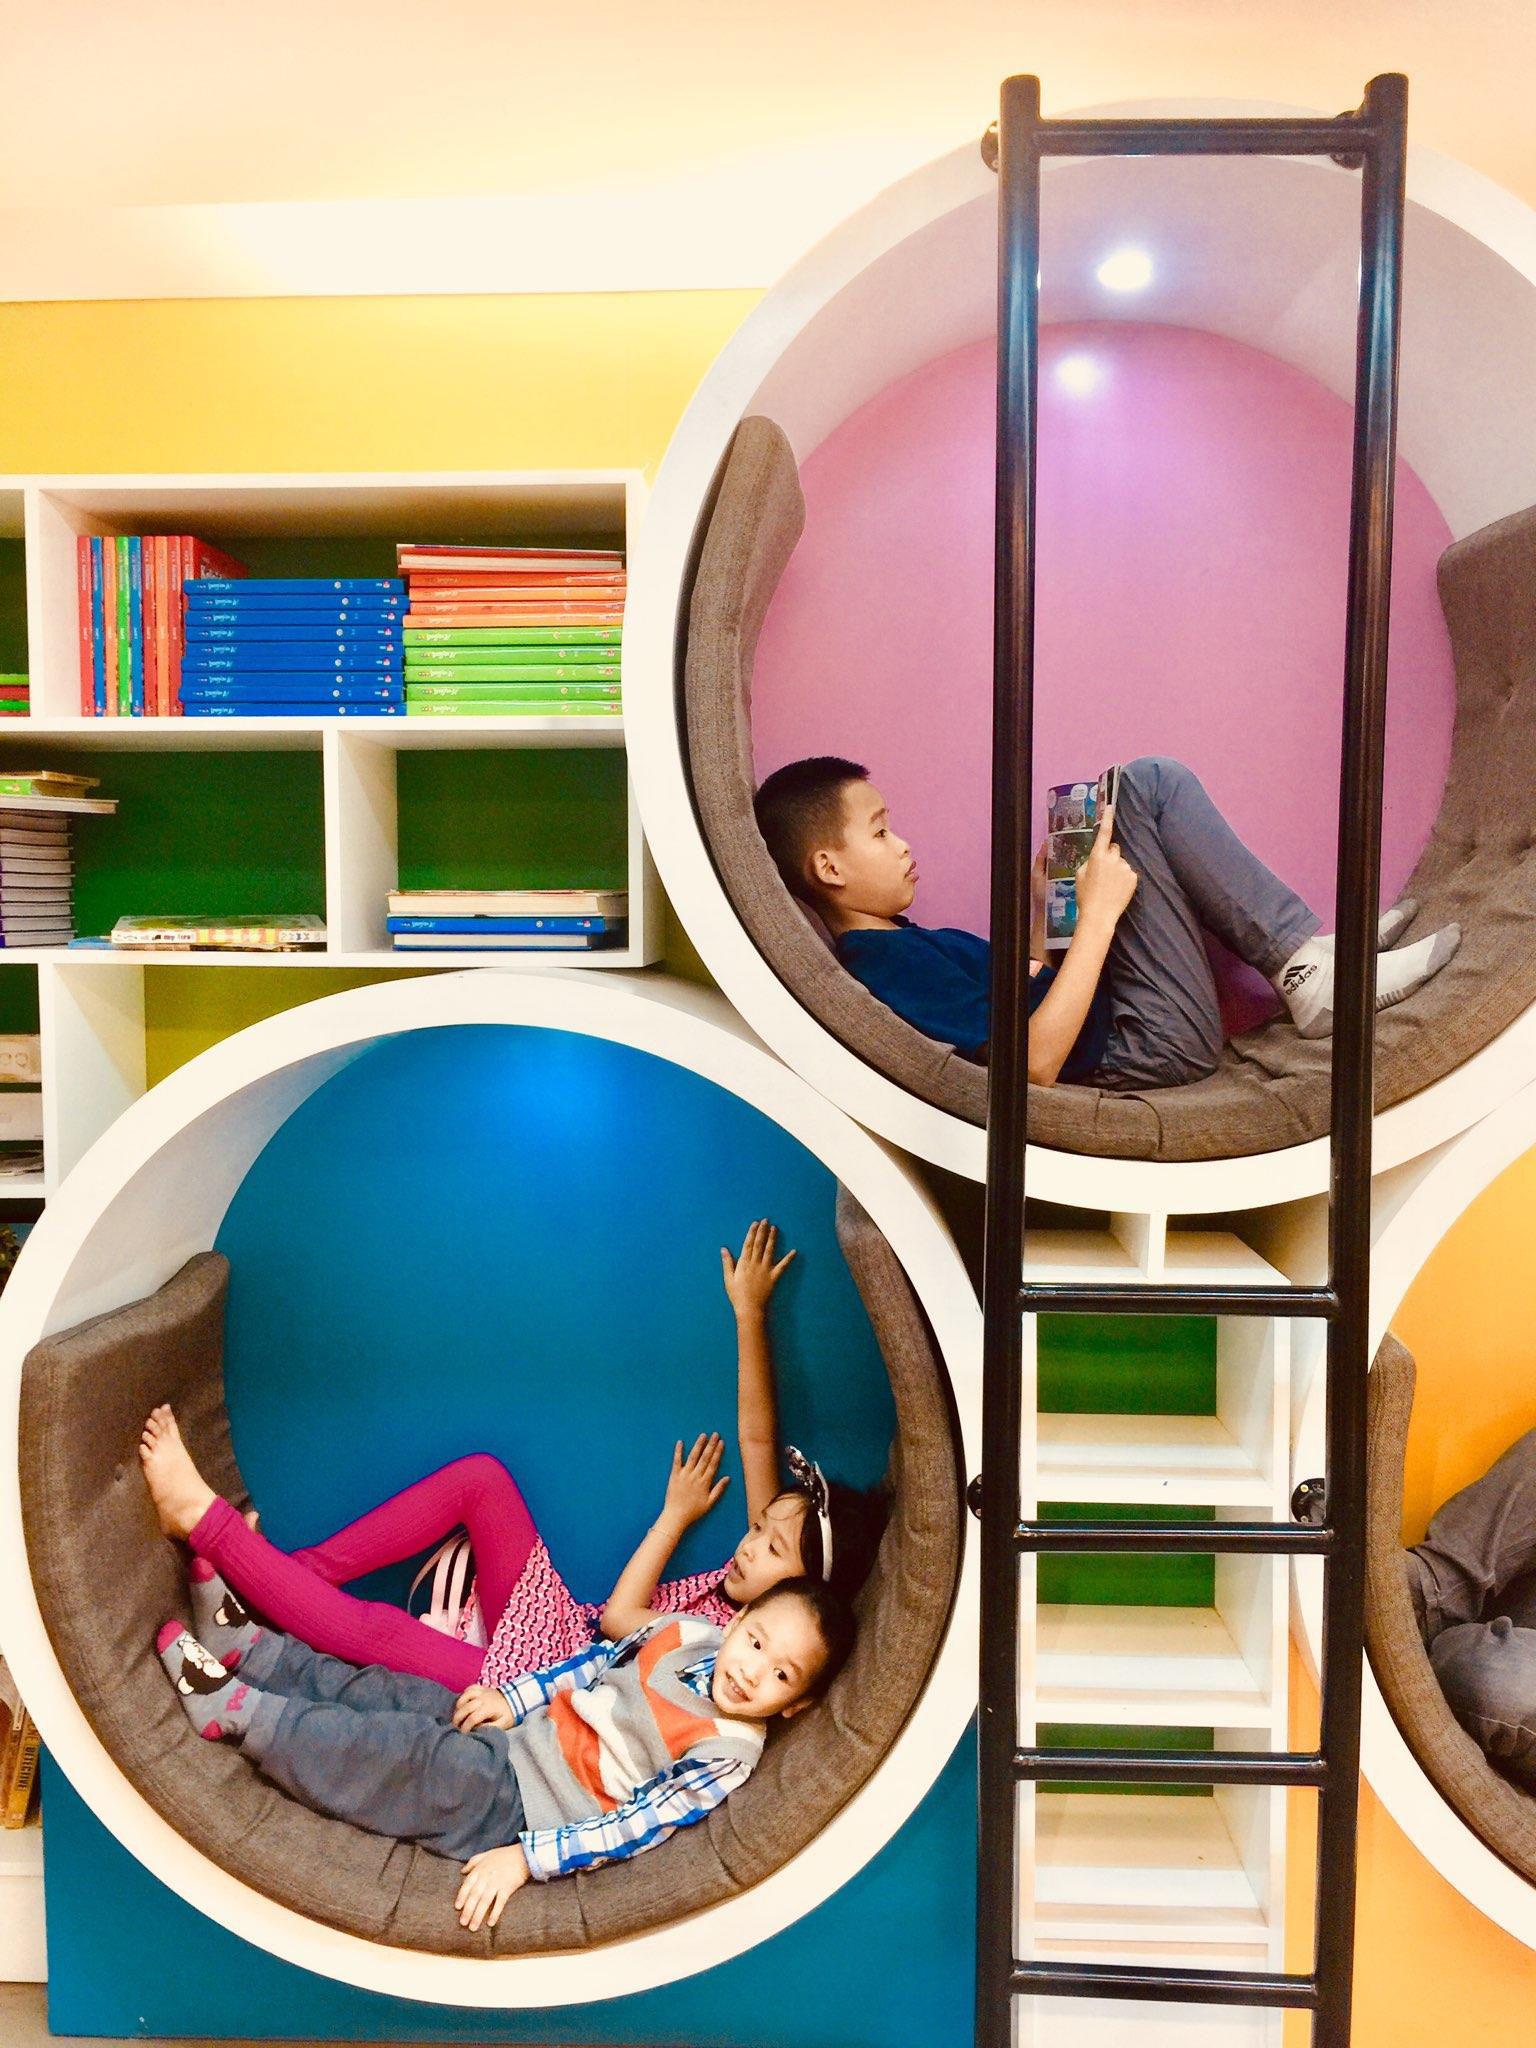 Thêm 1 tuần con nghỉ học, ba mẹ phải thêm 15 phút mỗi ngày làm điều này để lá chắn virus Corona phát huy tác dụng - Ảnh 2.